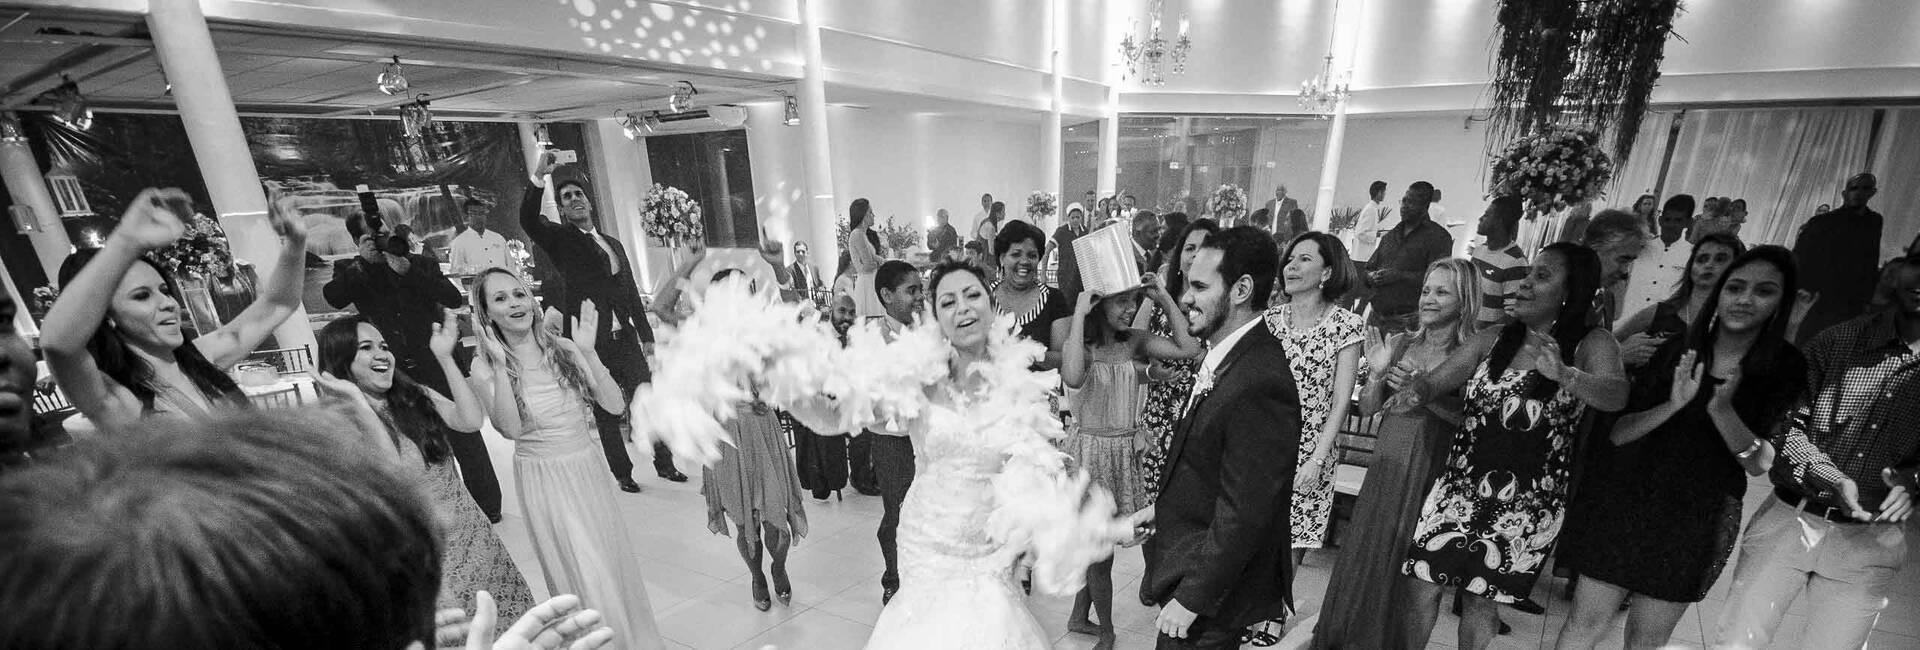 Casamento de Rafaela e Fabio